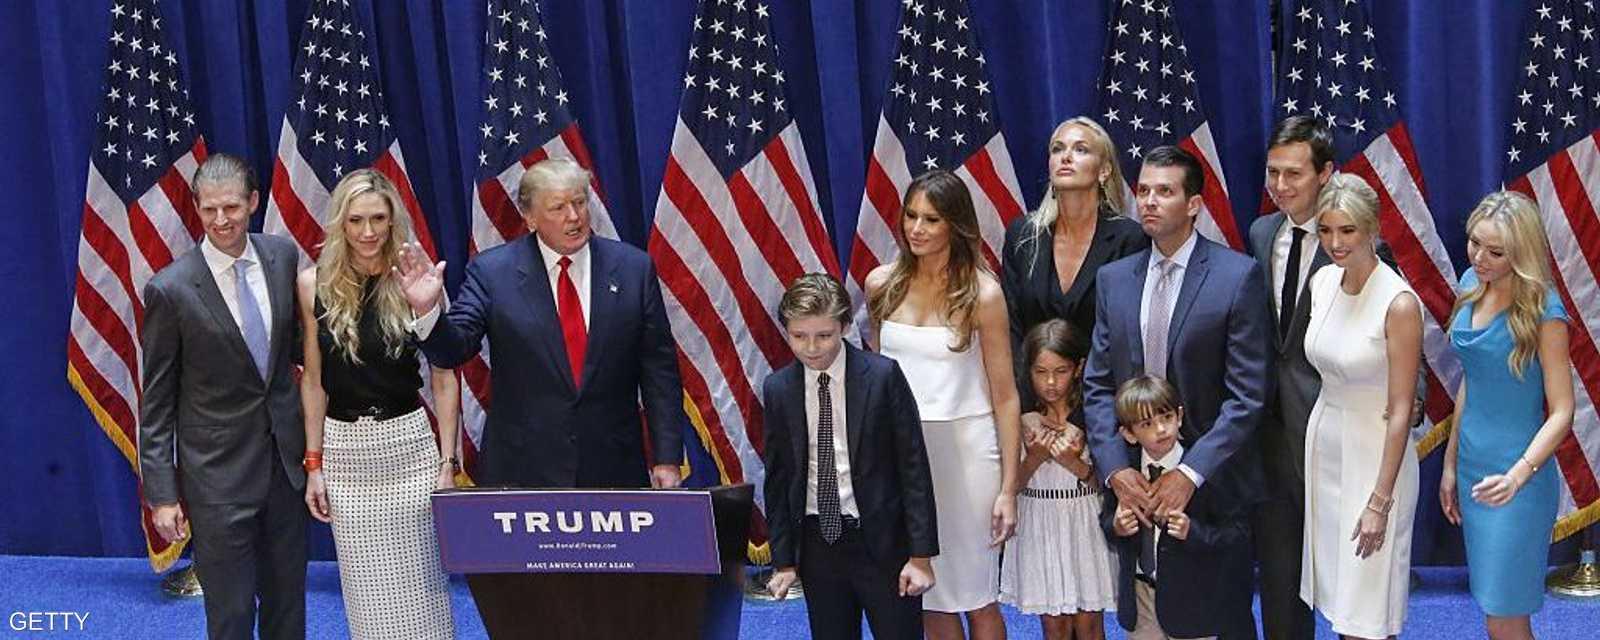 المرشح المثير للجدل مع عائلته